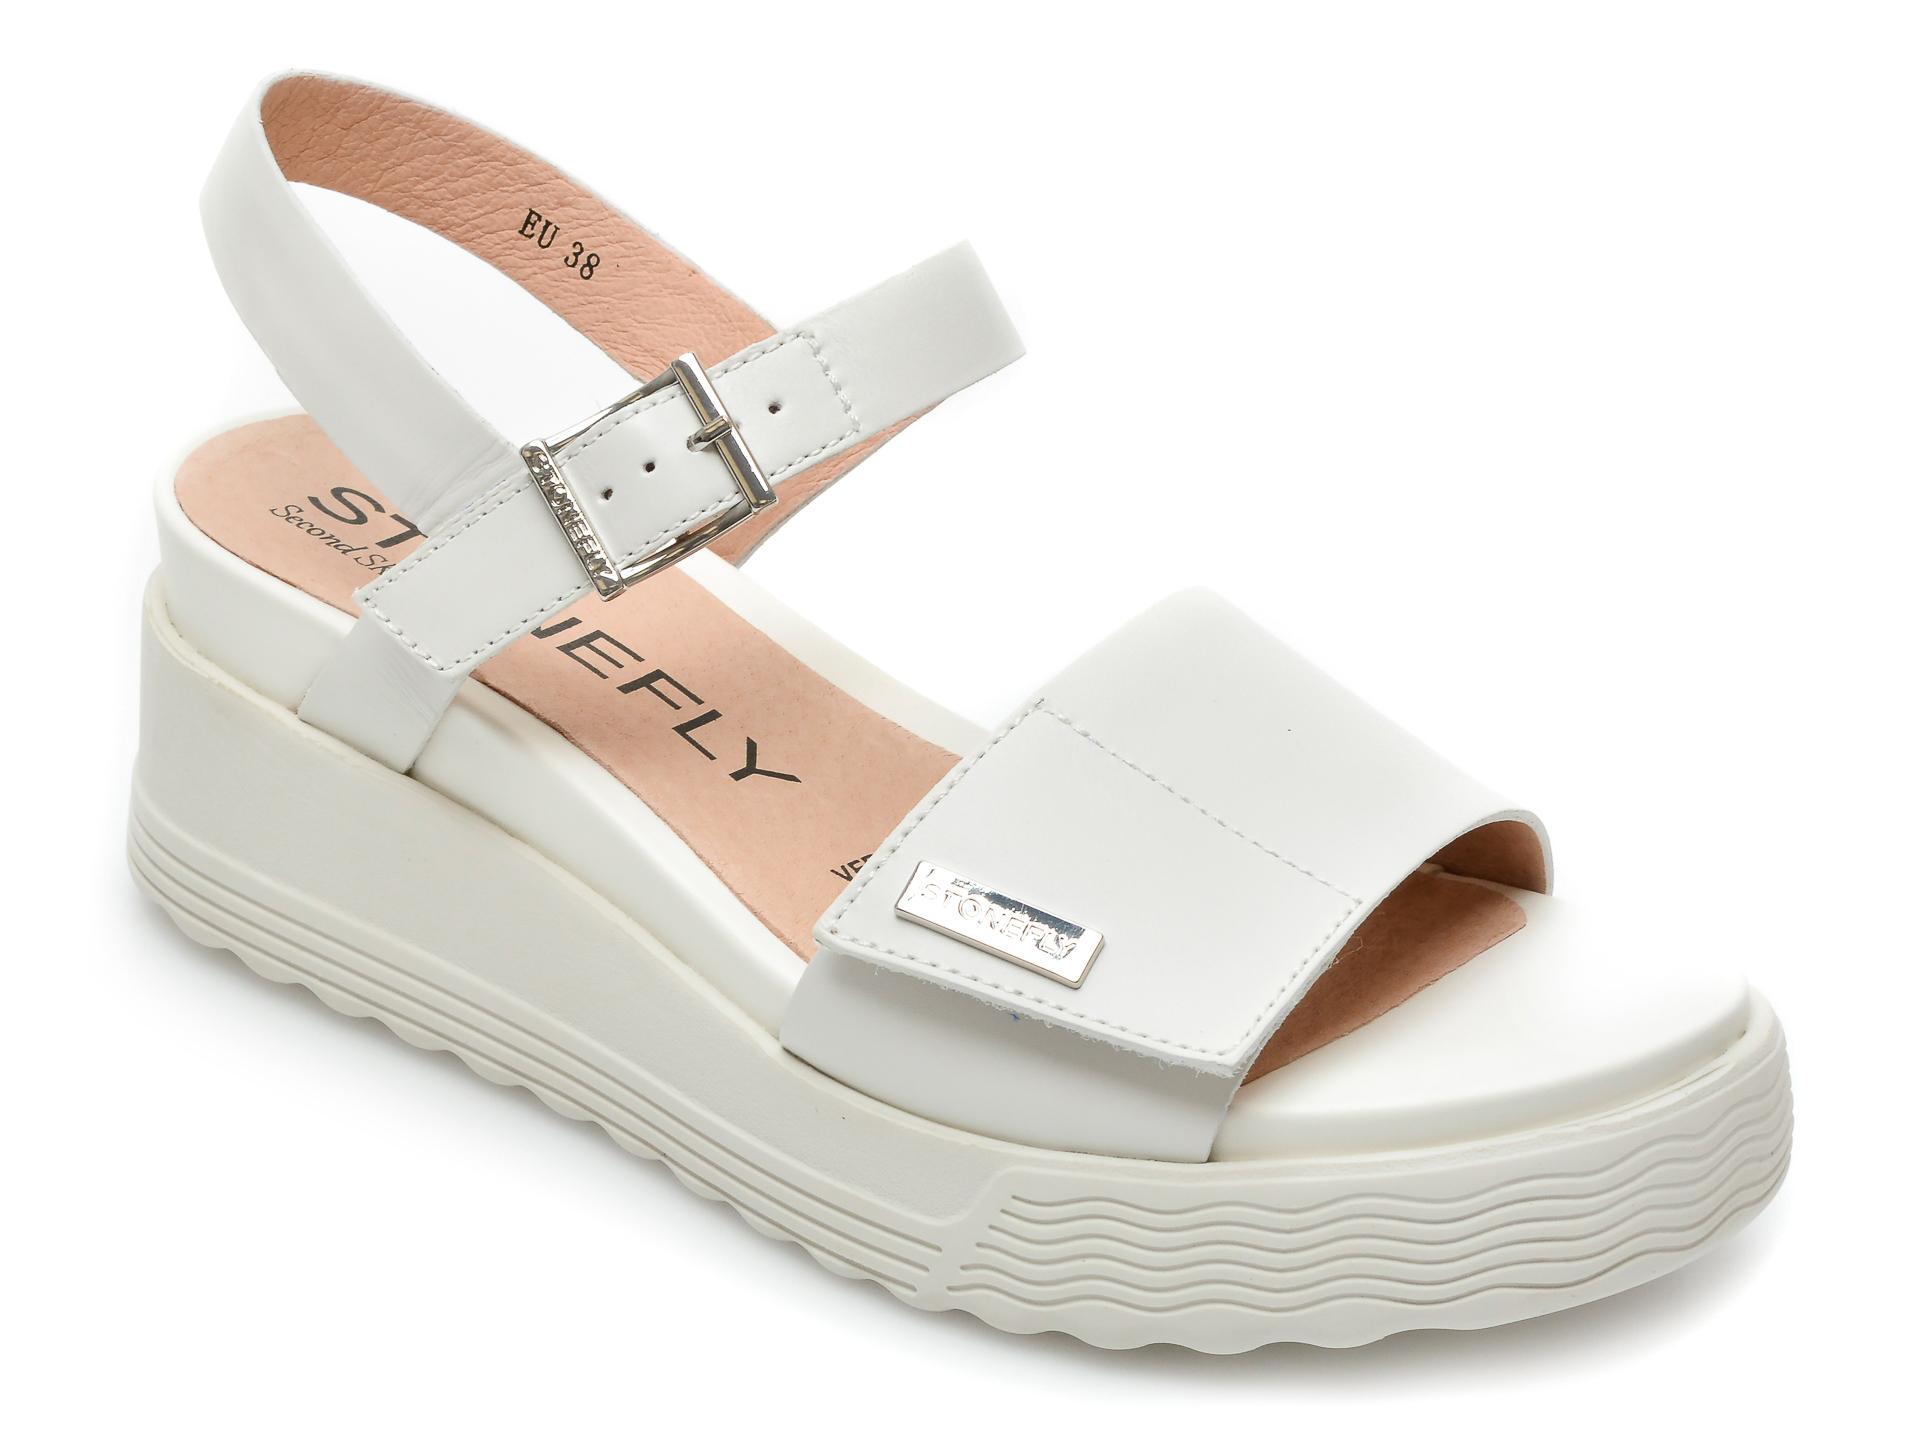 Sandale STONEFLY albe, Parky6, din piele naturala